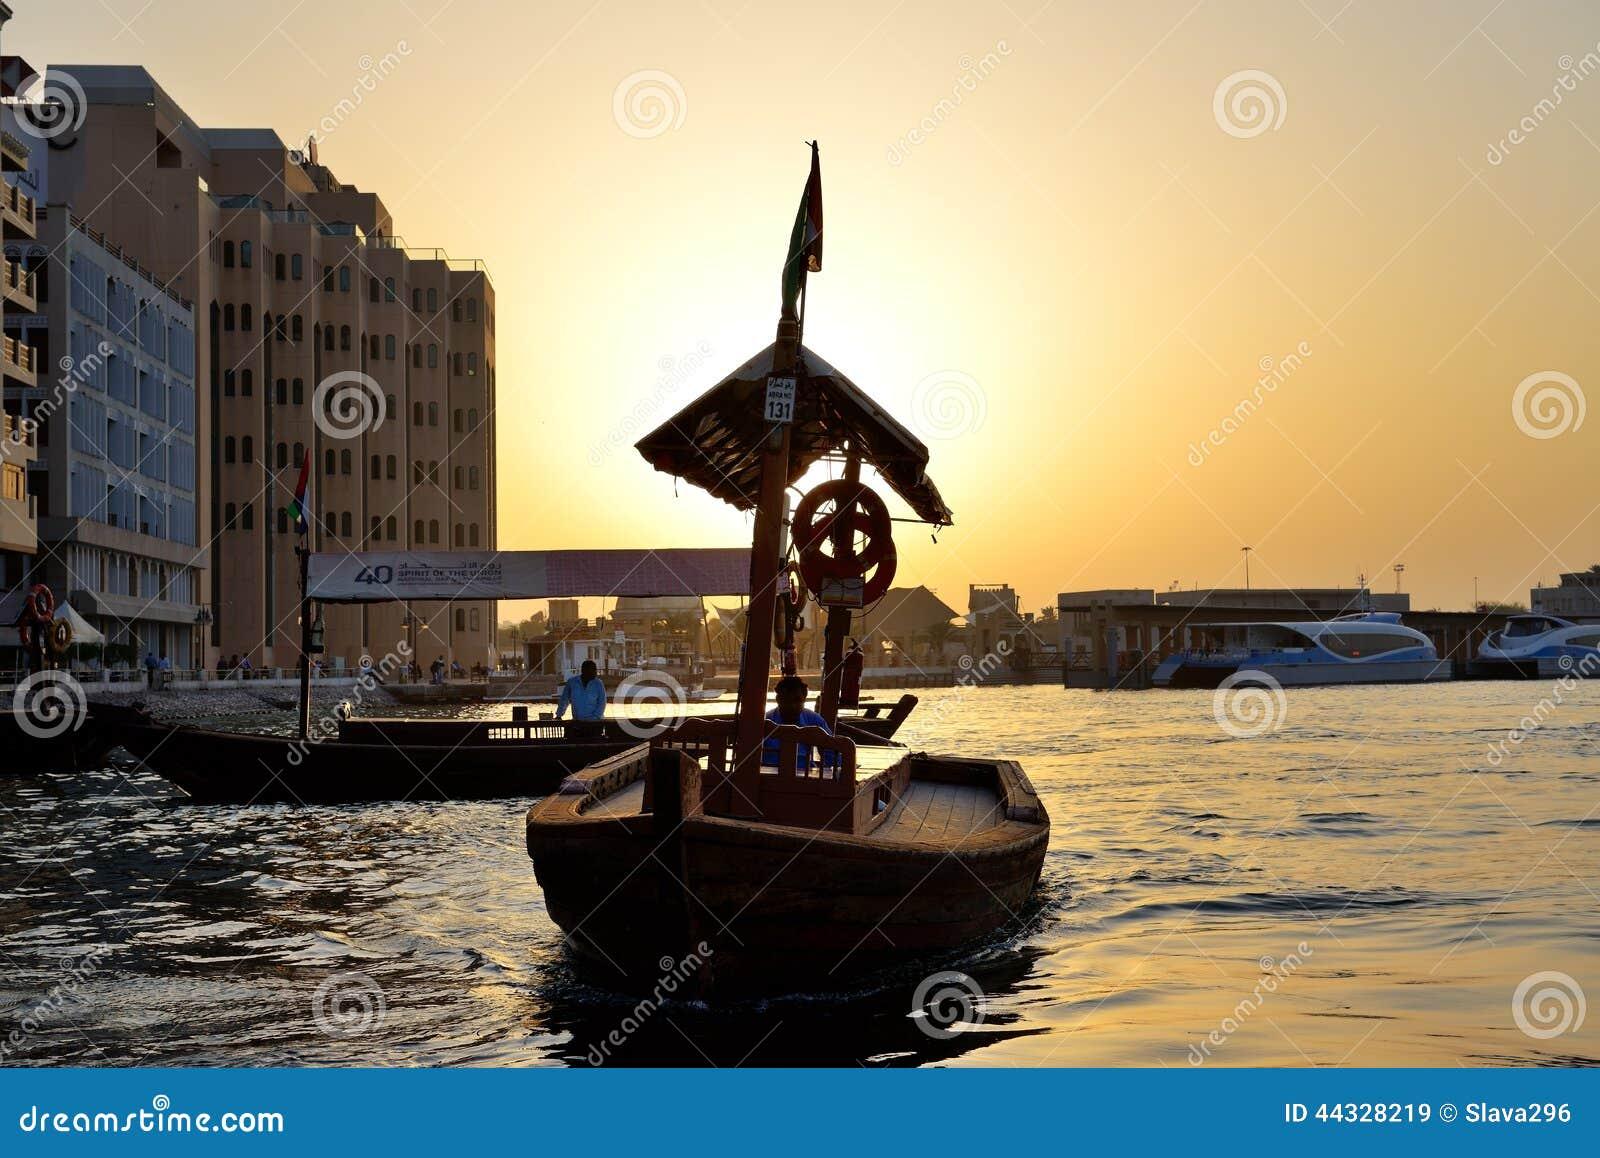 The Traditional Abra Boat In Dubai Creek Editorial Stock